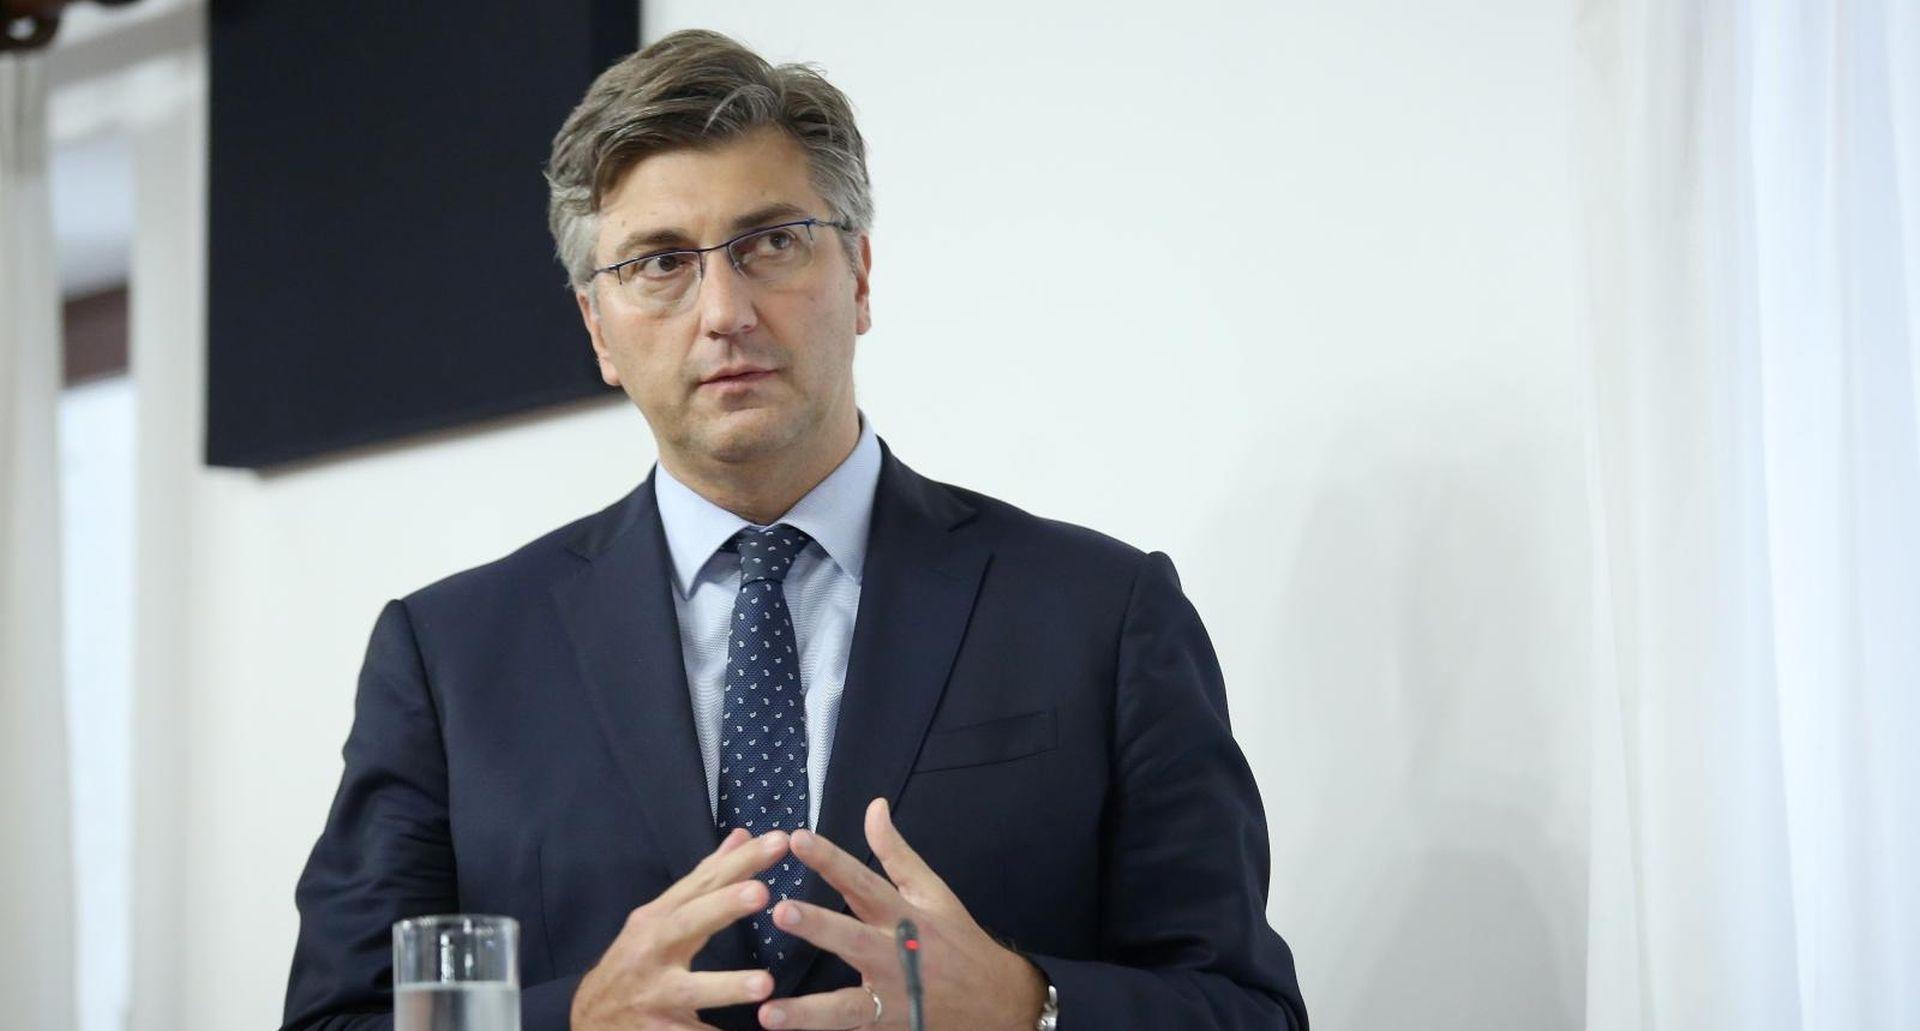 Plenković pozvao na jačanje gospodarske suradnje s Kinom